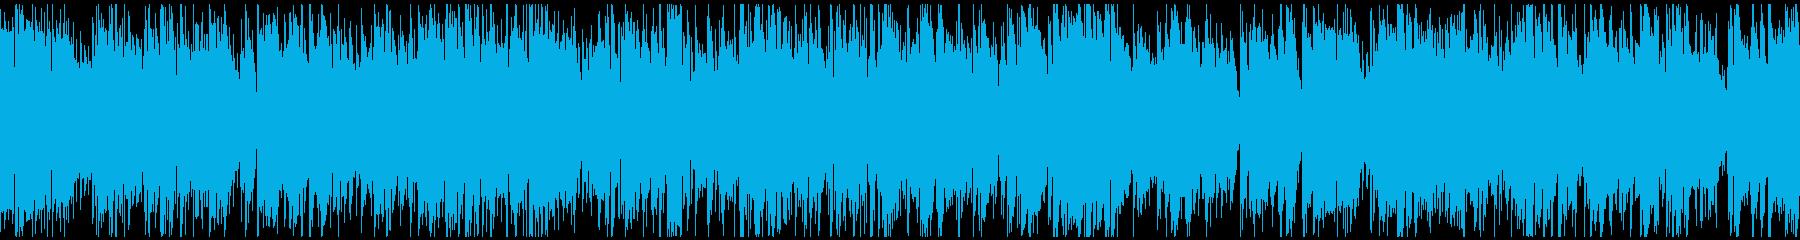 わくわくする高揚感あるジャズ ※ループ版の再生済みの波形